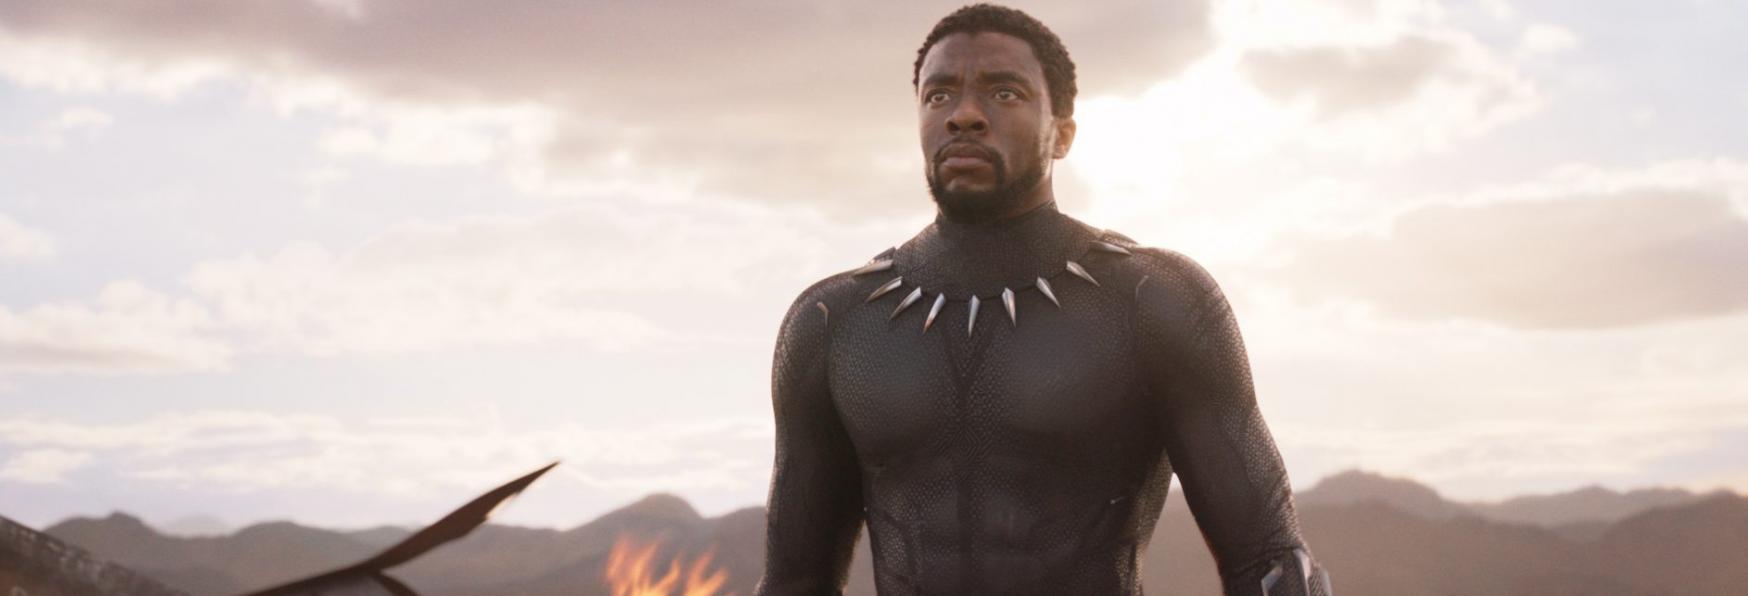 Black Panther: in fase di Produzione per Disney una Serie TV Spin-Off